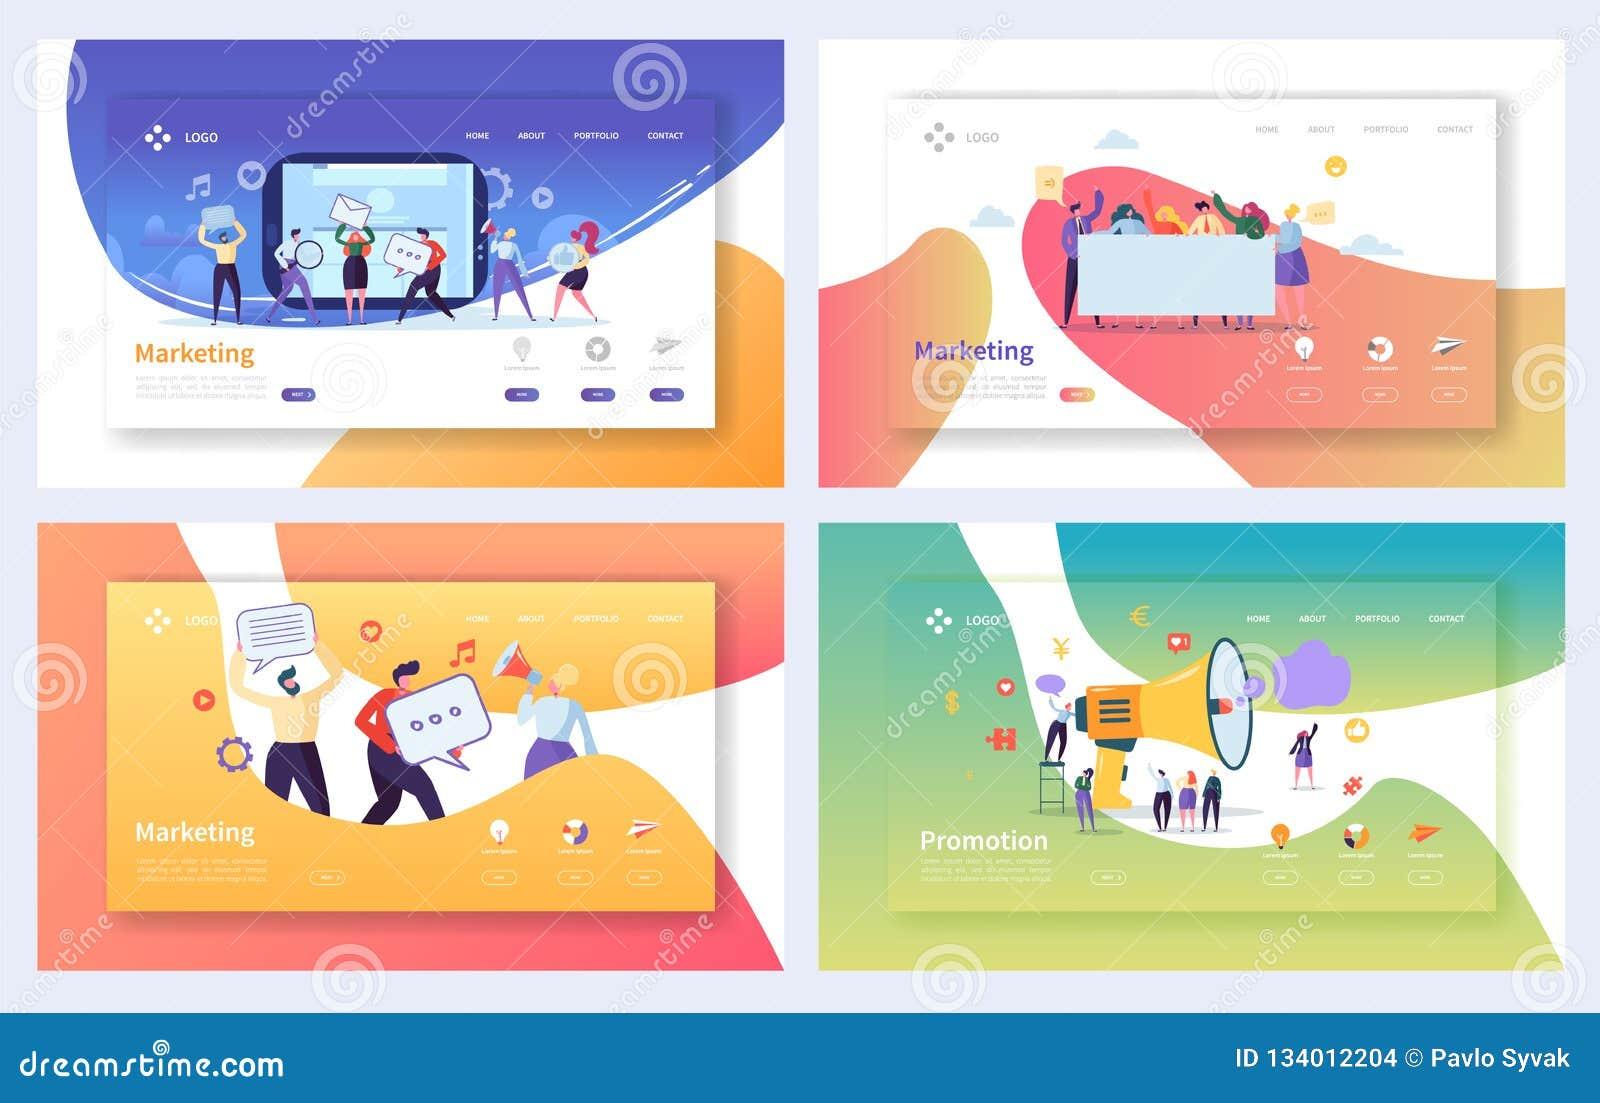 Digital annonçant l ensemble de commercialisation de page d atterrissage Concept social de communication de caractère d affaires